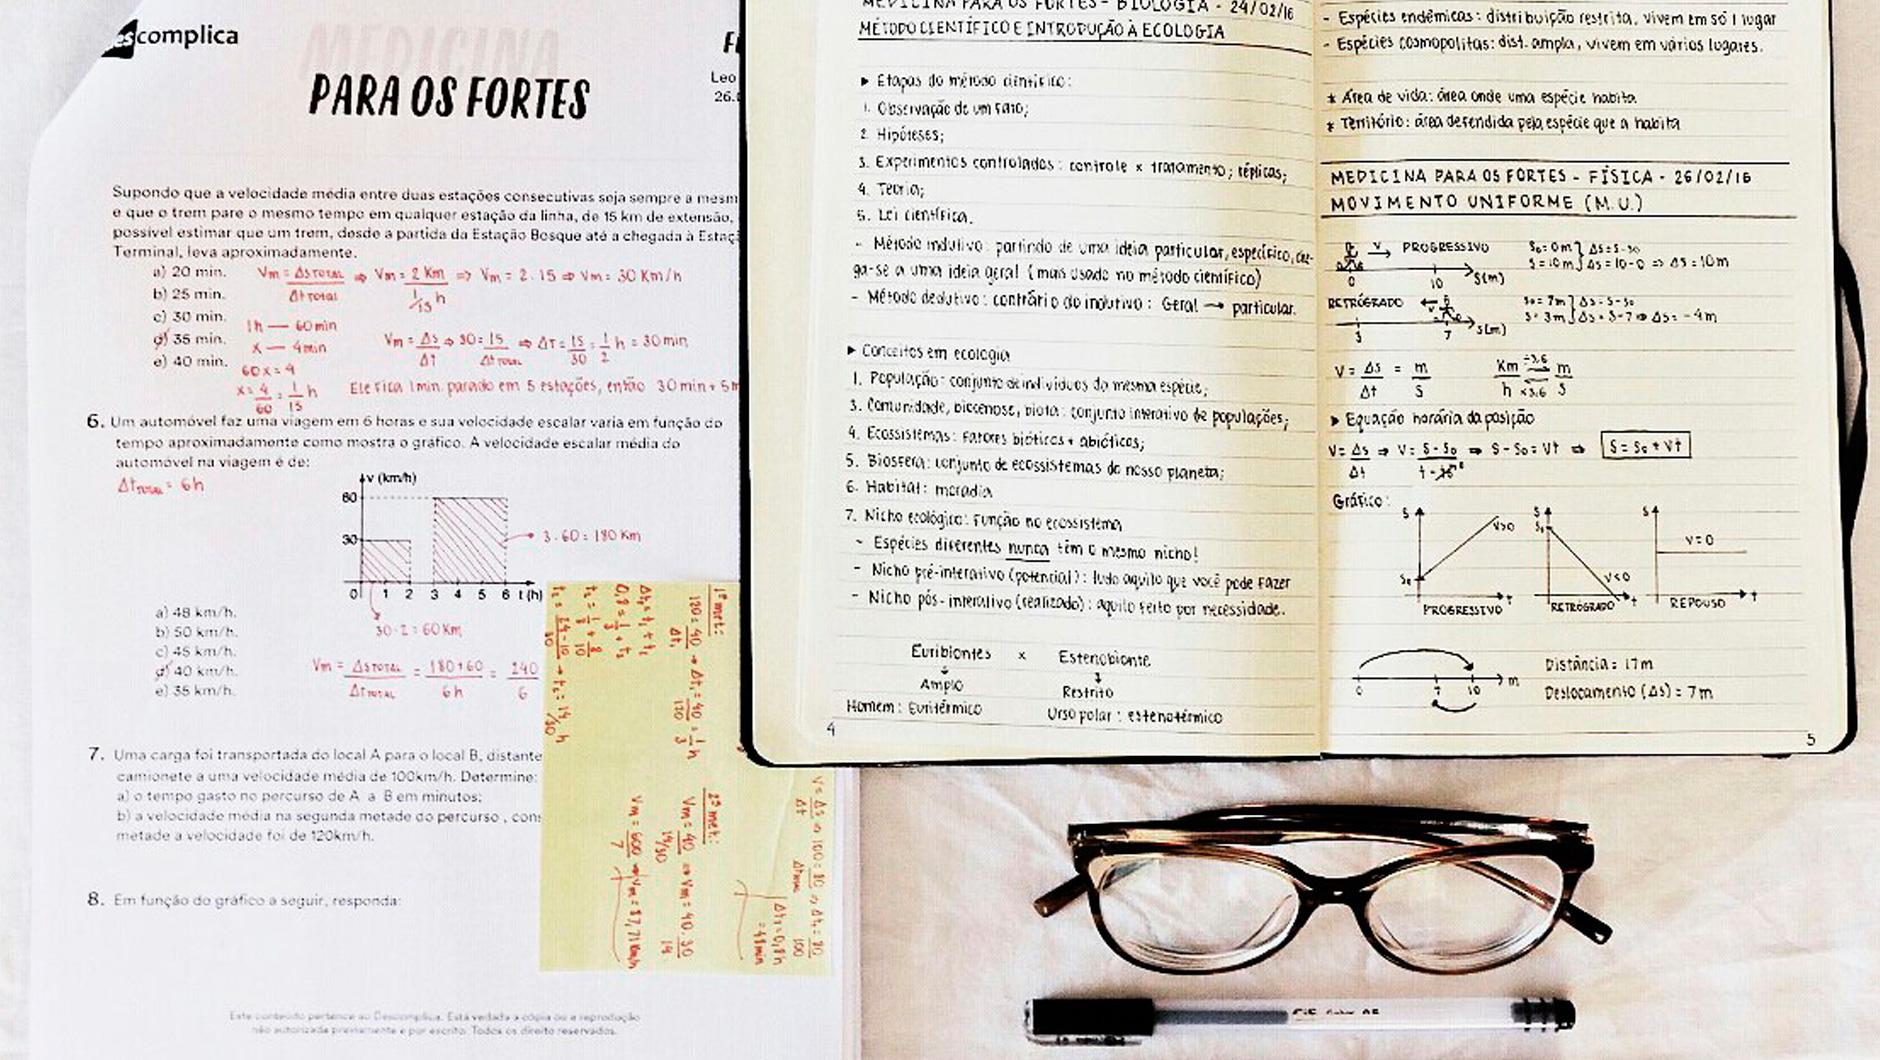 Как написать конспект от руки быстро Хитрости лайфхаки если  Лайфхаки для студентов как создать на компьютере конспект написанный от руки